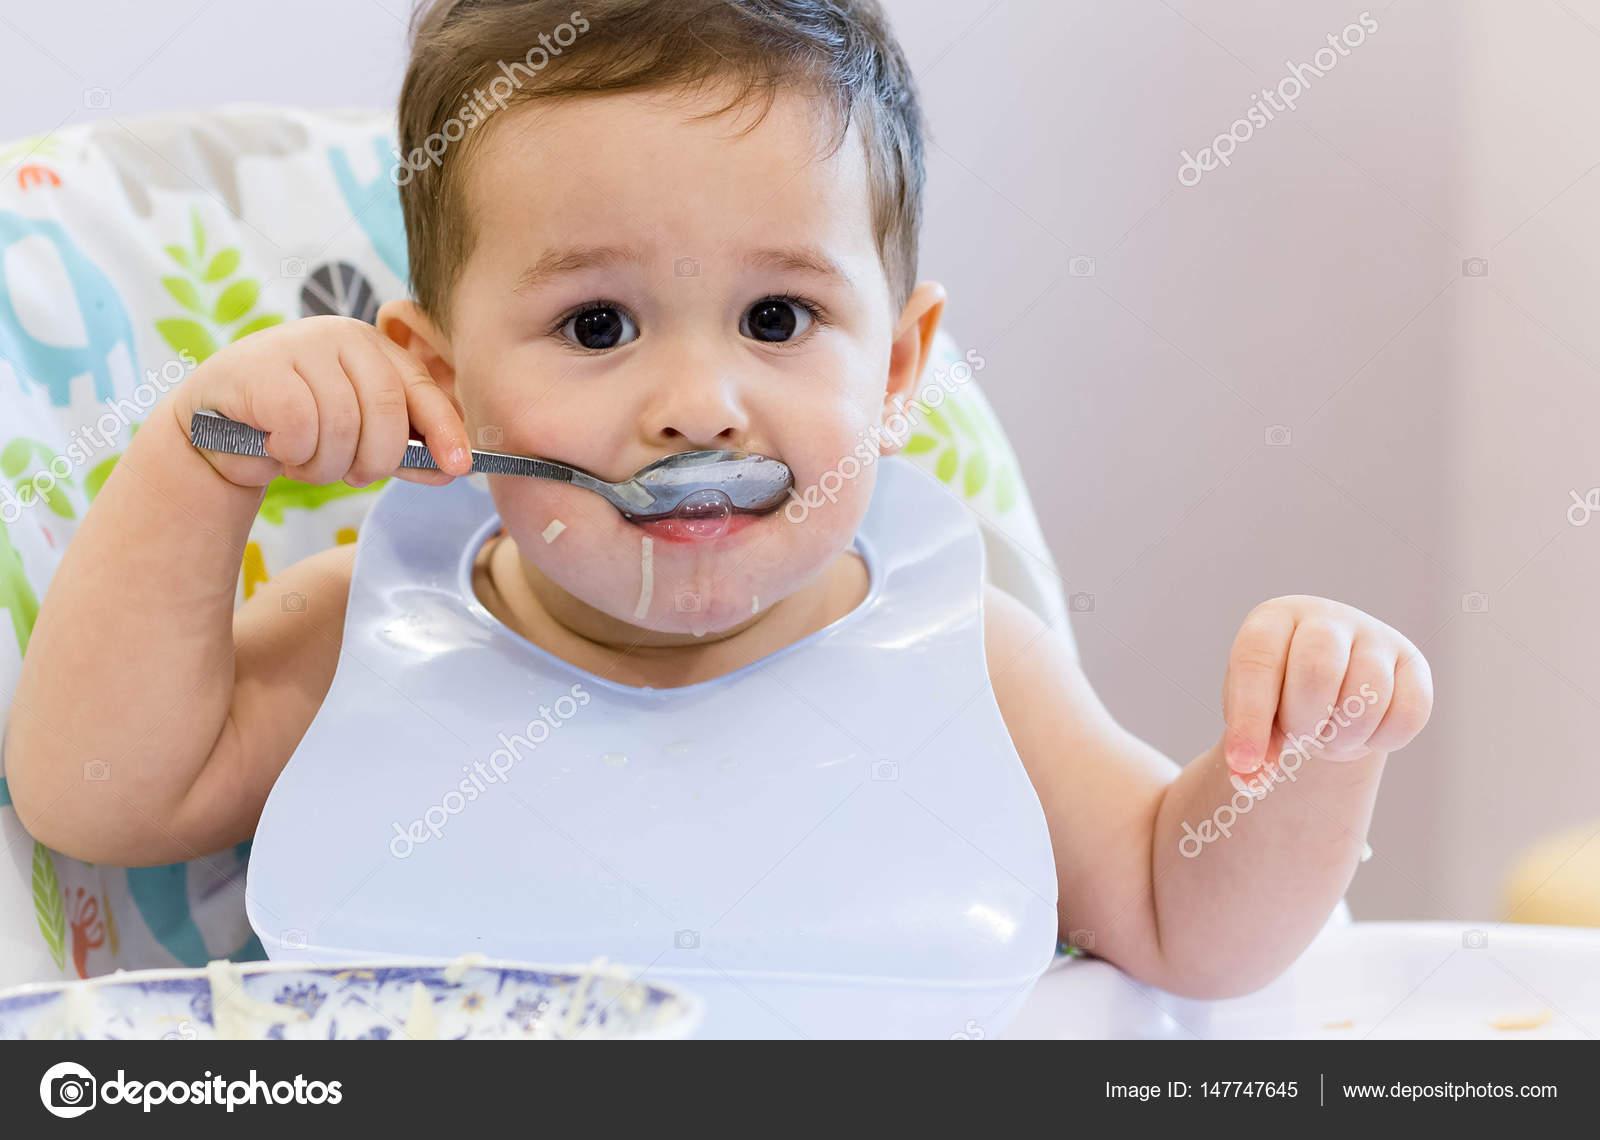 Sonriente Niño Comiendo En La Cocina. 1 Año Bebé Comer